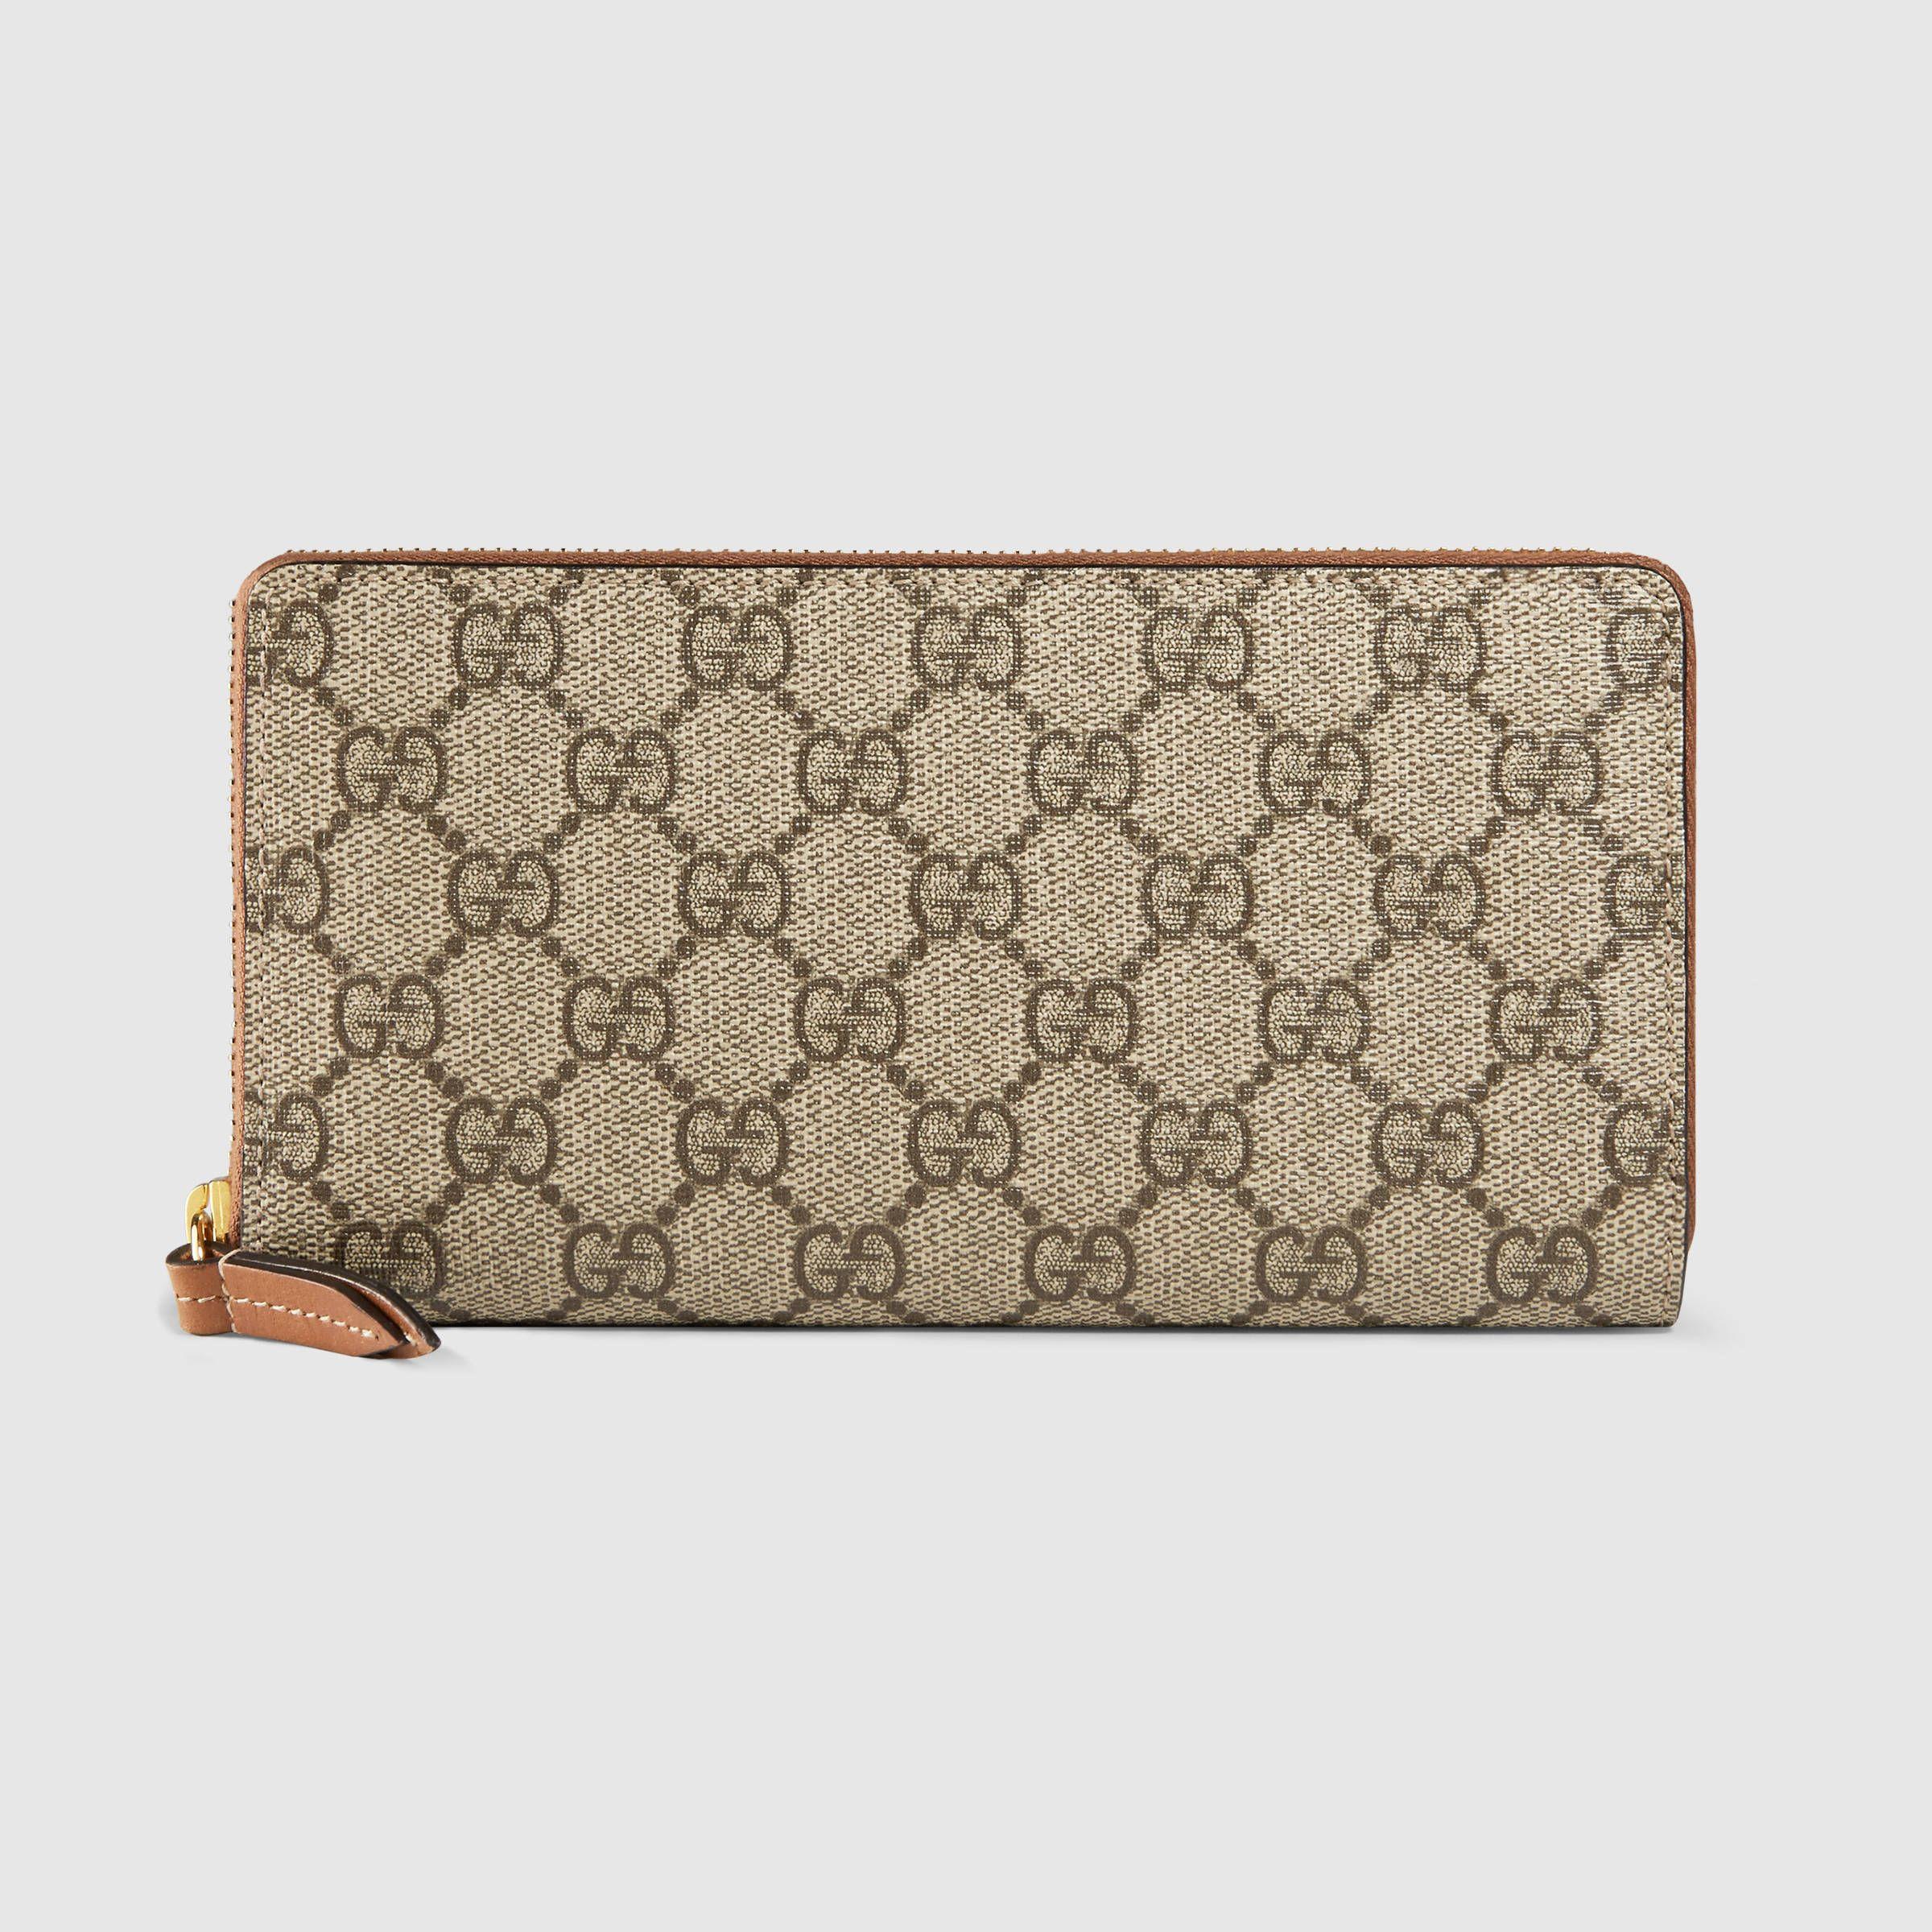 f464beb29b9 Gucci Women - GG Supreme zip around wallet